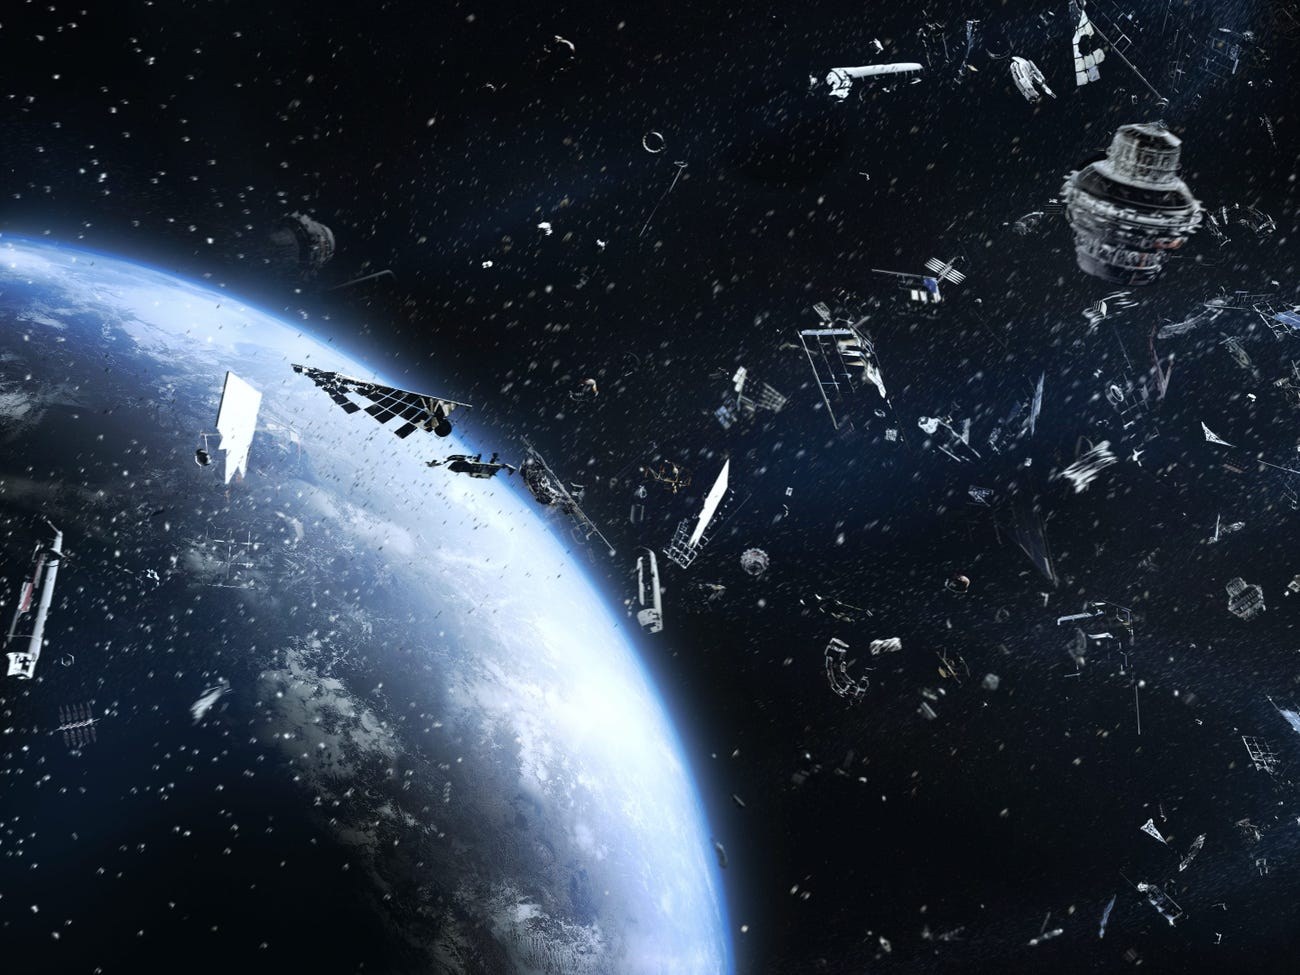 القمر,فضاء كويكب القمر,إنسانا على سطح القمر,الانسان العملاق على سطح القمر,اليابان